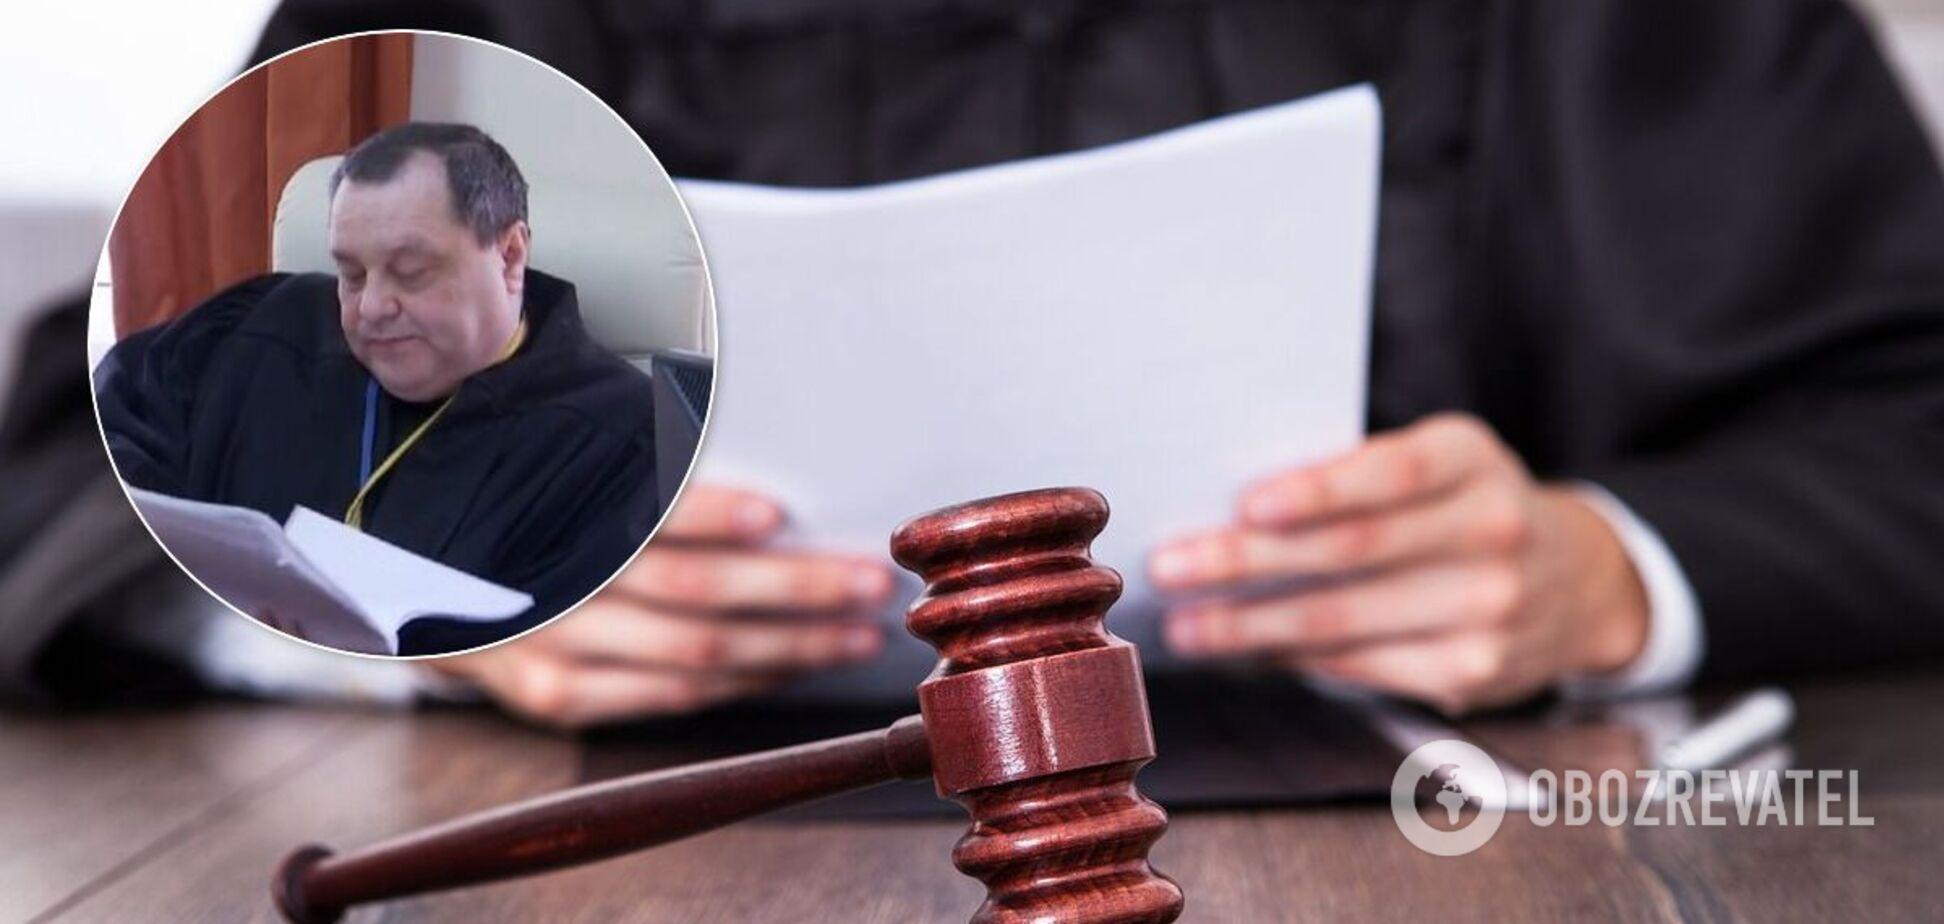 В Днепре судья-коррупционер судит прокурора за взяточничество